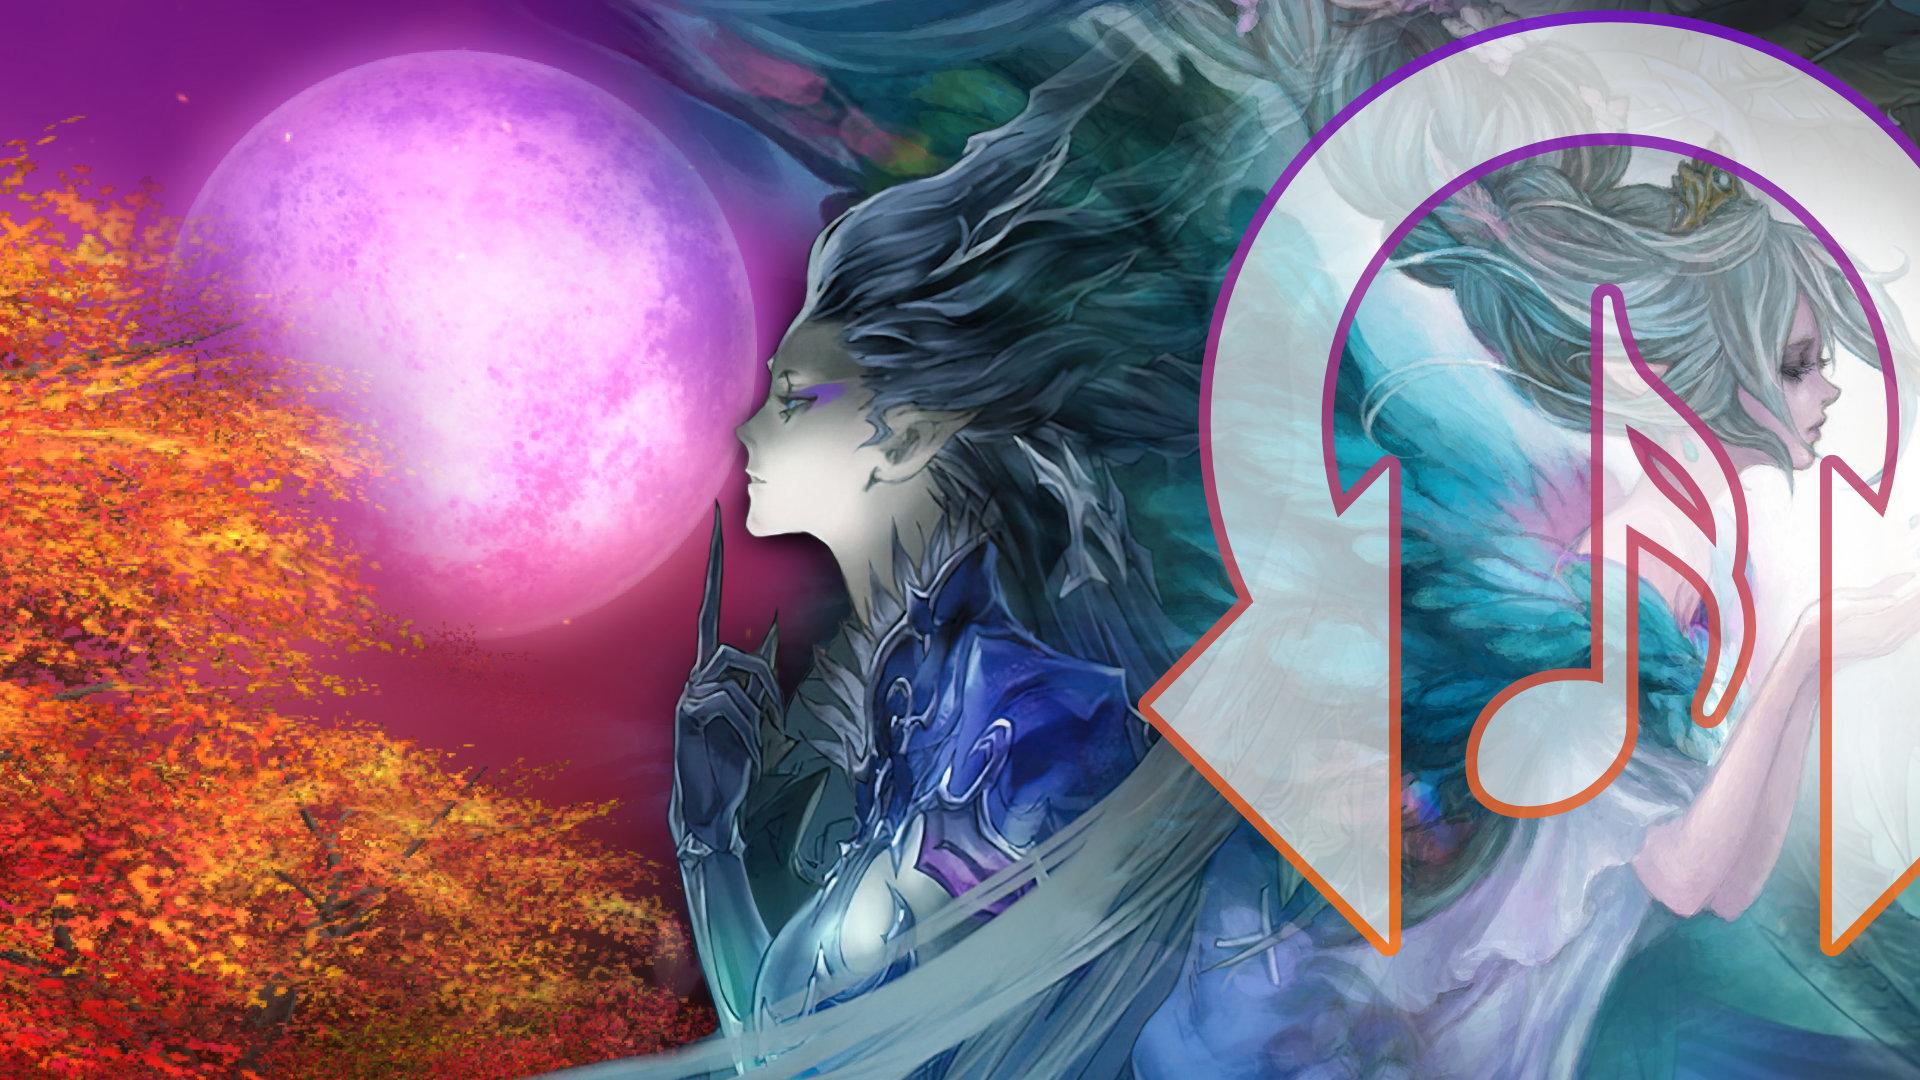 Rhythm Encounter 069 Final Fantasy XIV